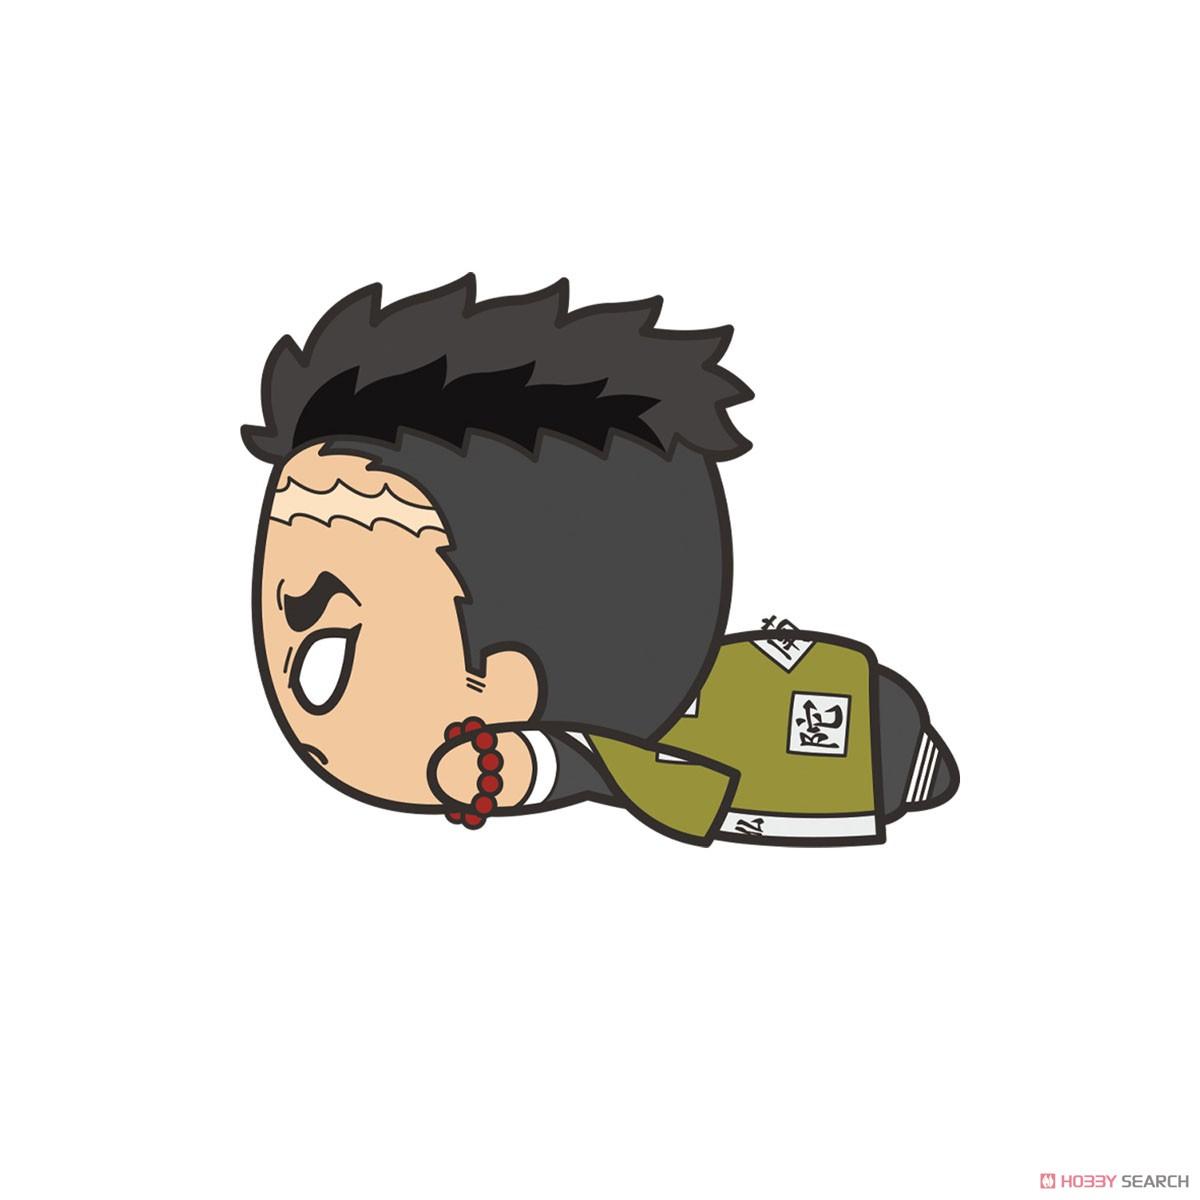 特大寝そべりぬいぐるみ『竈門炭治郎』鬼滅の刃 グッズ-010